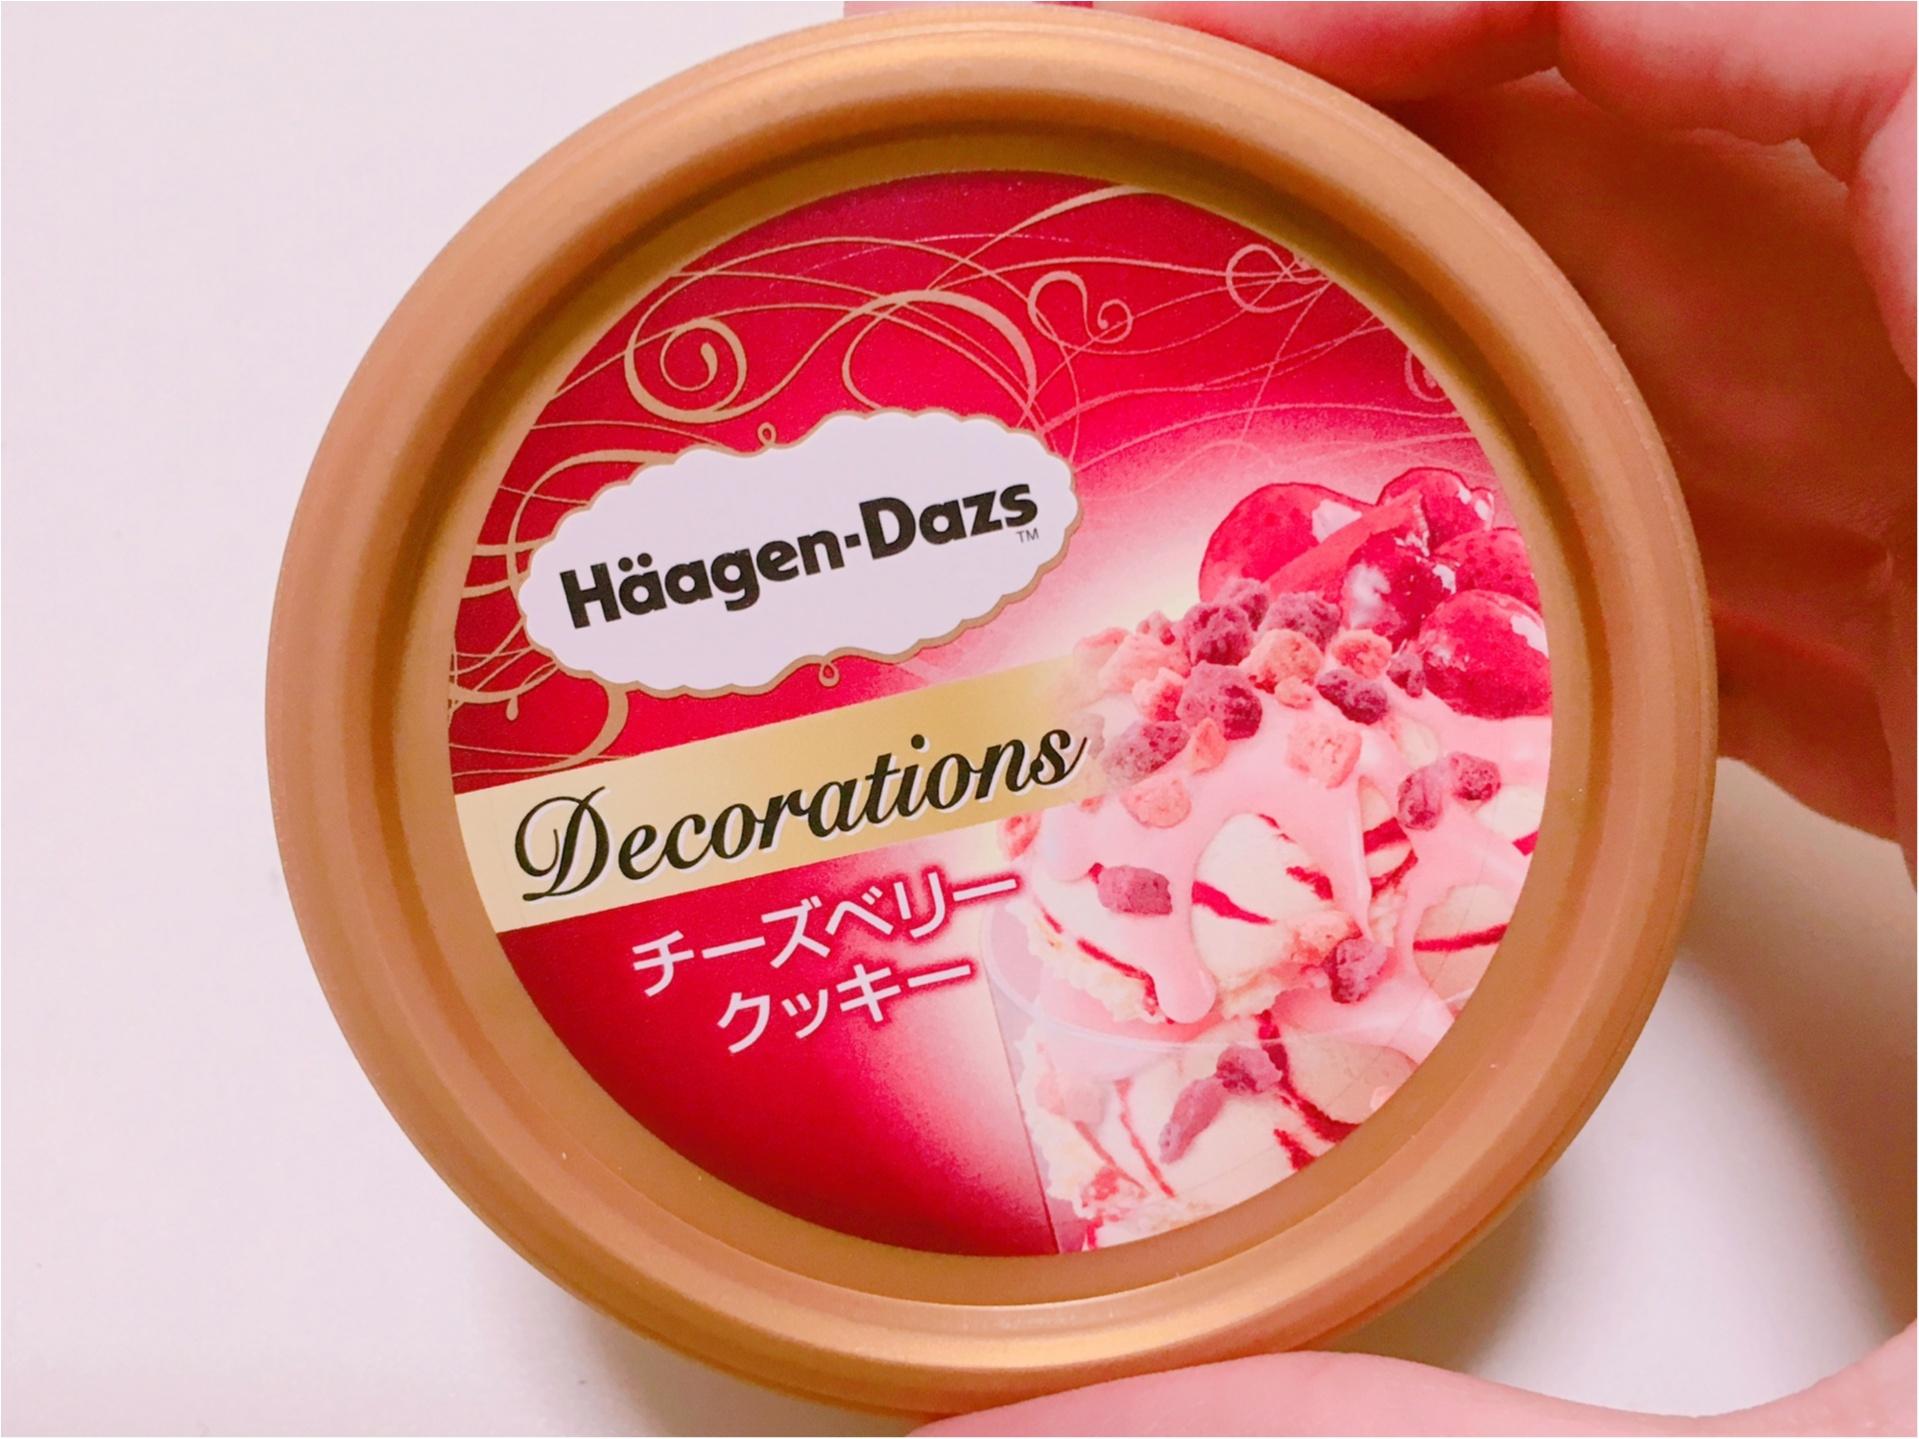 オススメしたい新作のハーゲンダッツ♡少し待つのがミソ☺︎!クランチとアイスを混ぜて食べる新食感♡_1